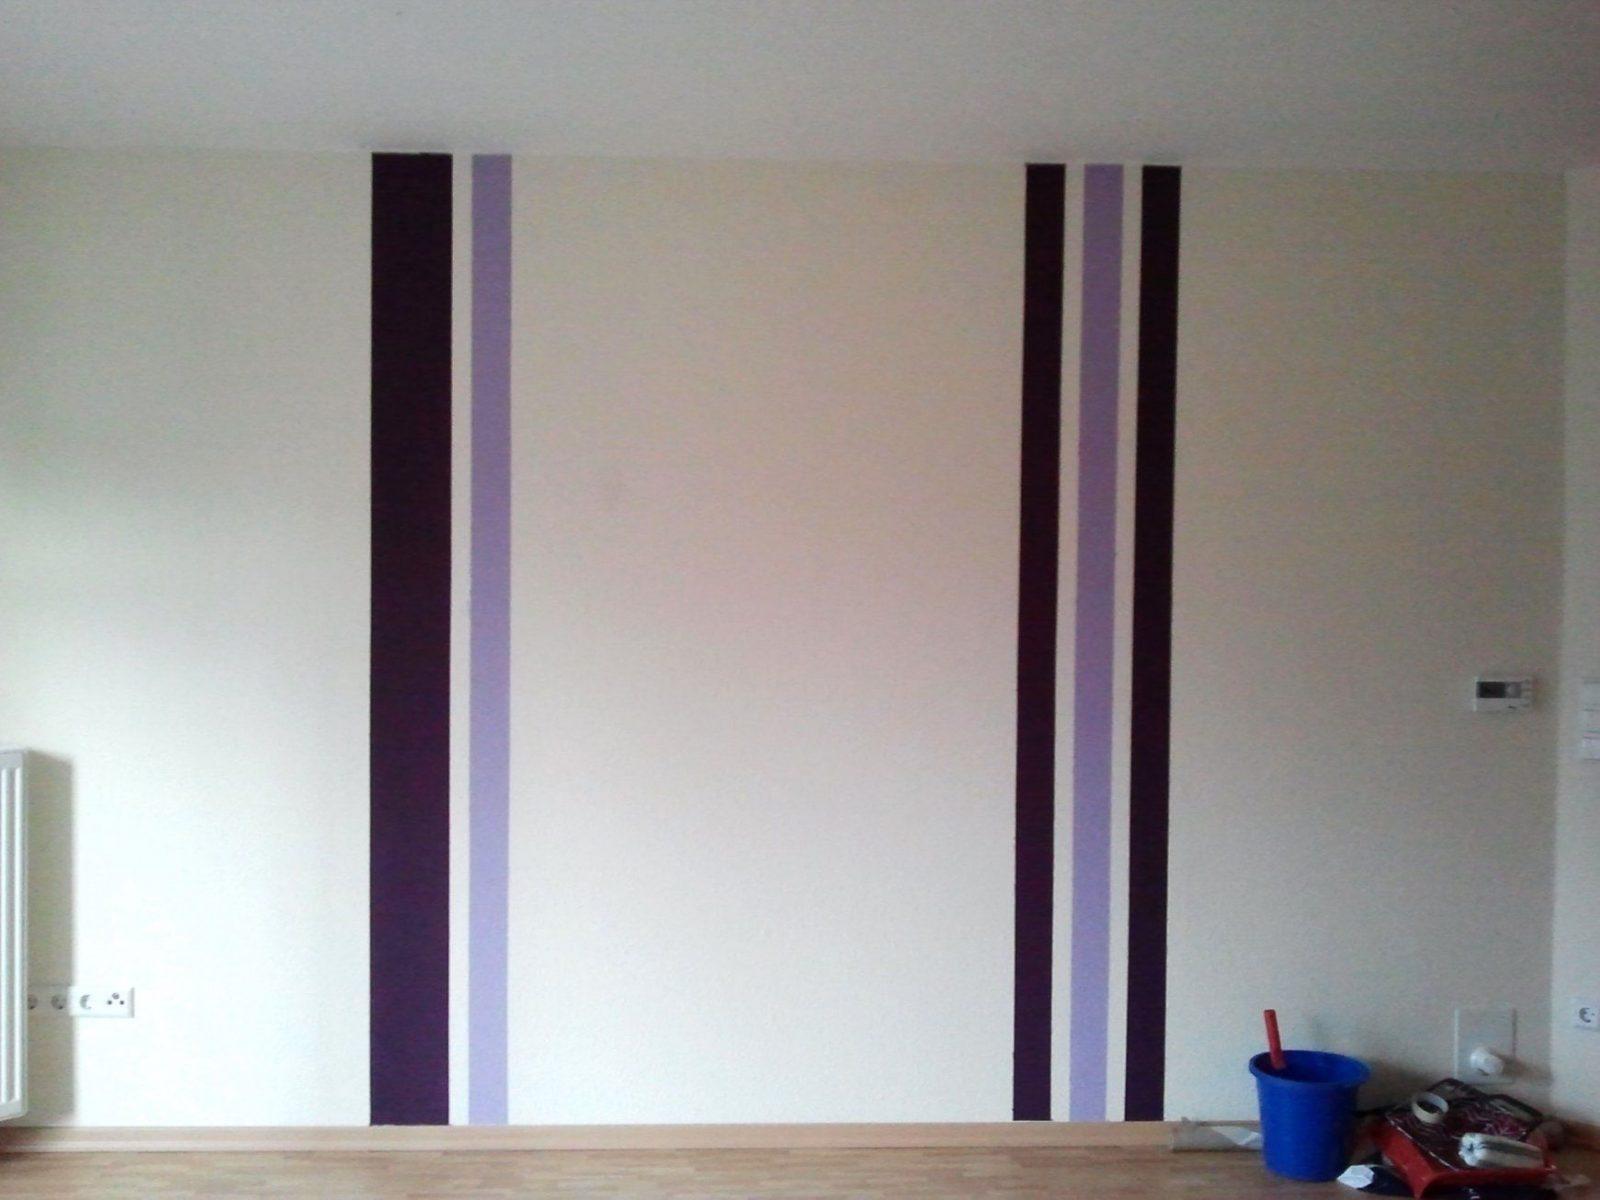 Very Attractive Design Streifen Streichen  Home Design Ideas von Wand Streichen Streifen Abkleben Bild